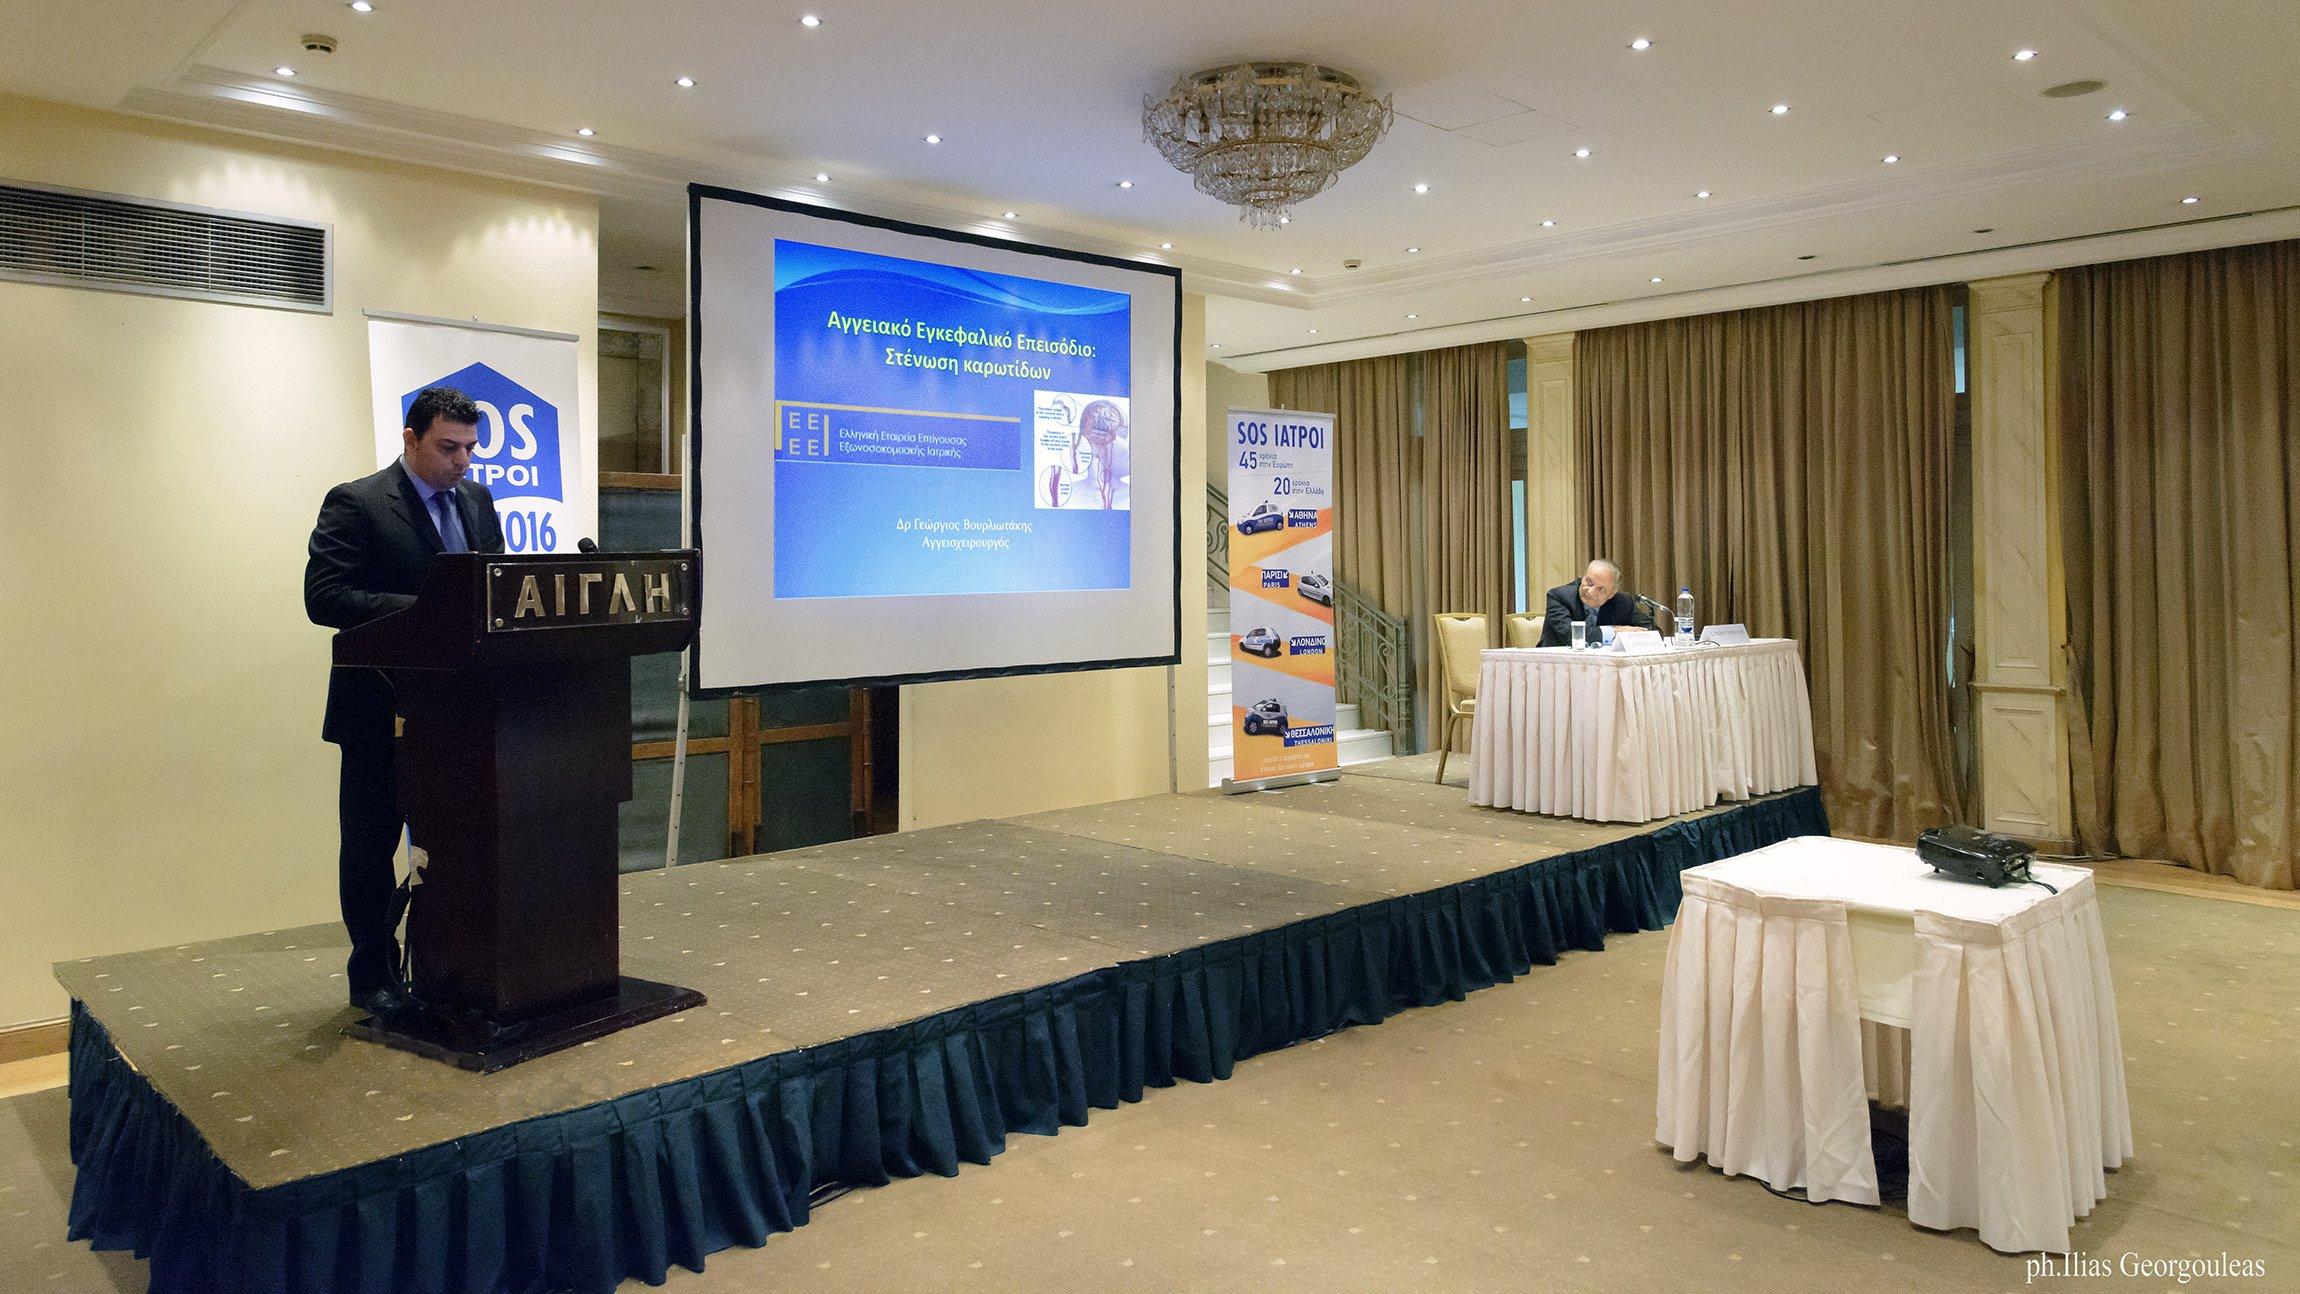 Το Γ' Επιστημονικό Συνέδριο της ΕΕΕΕΙ σε βίντεο